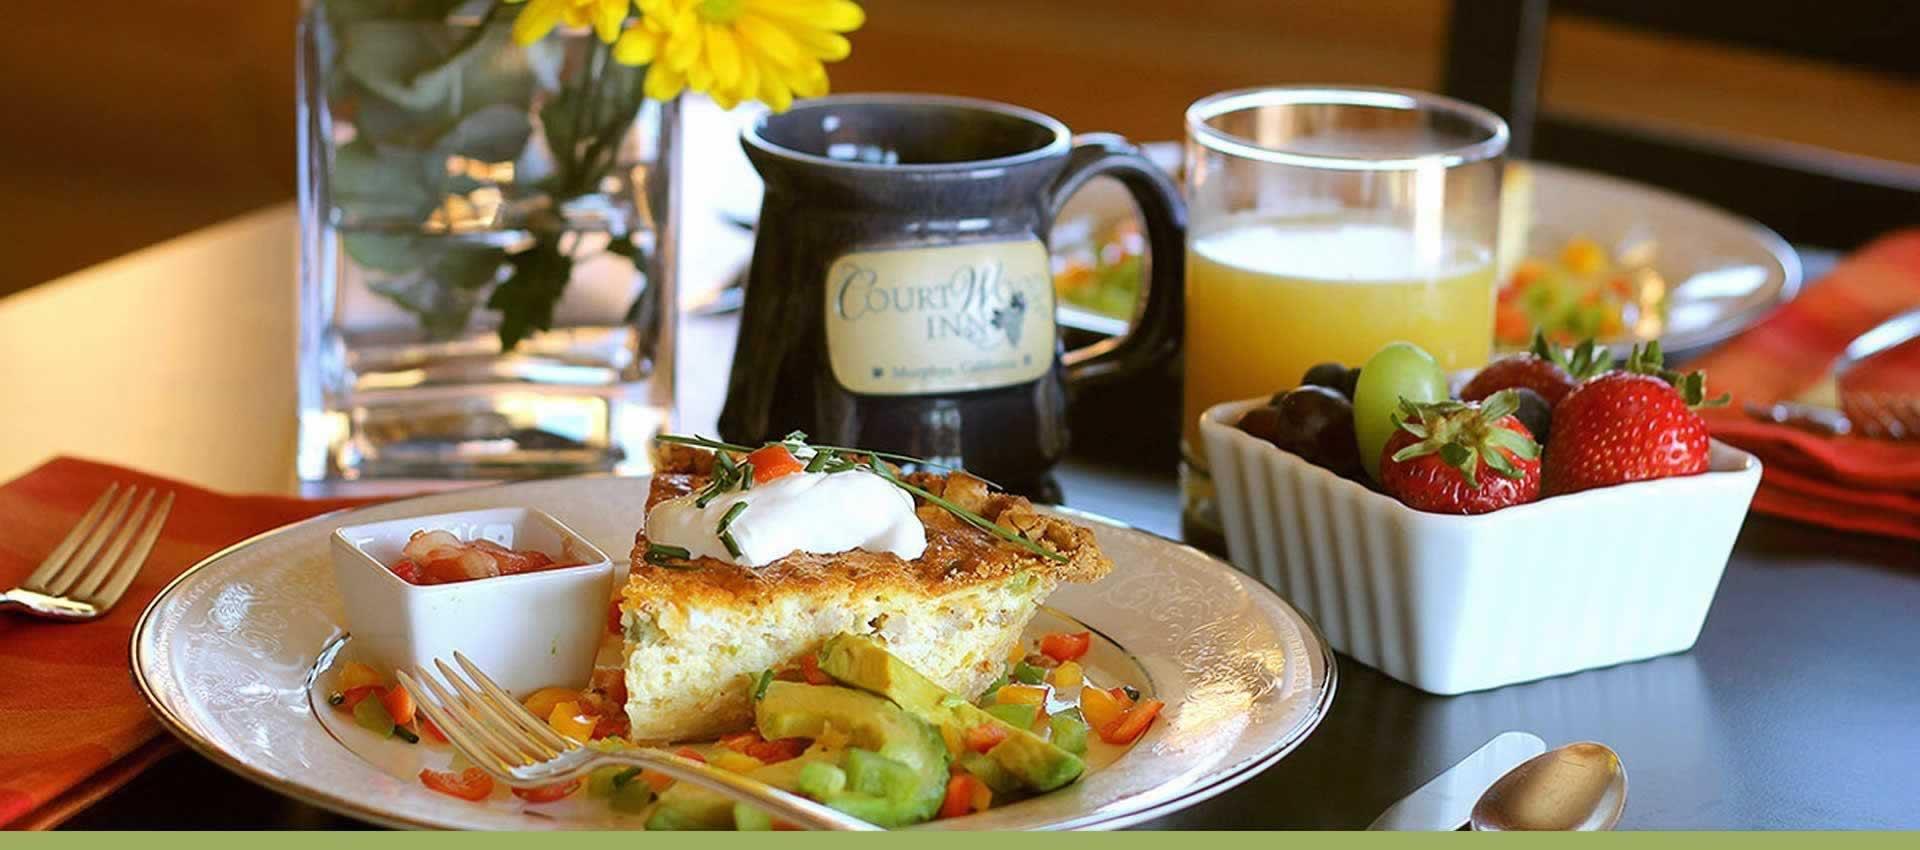 courtwood-inn-breakfast3